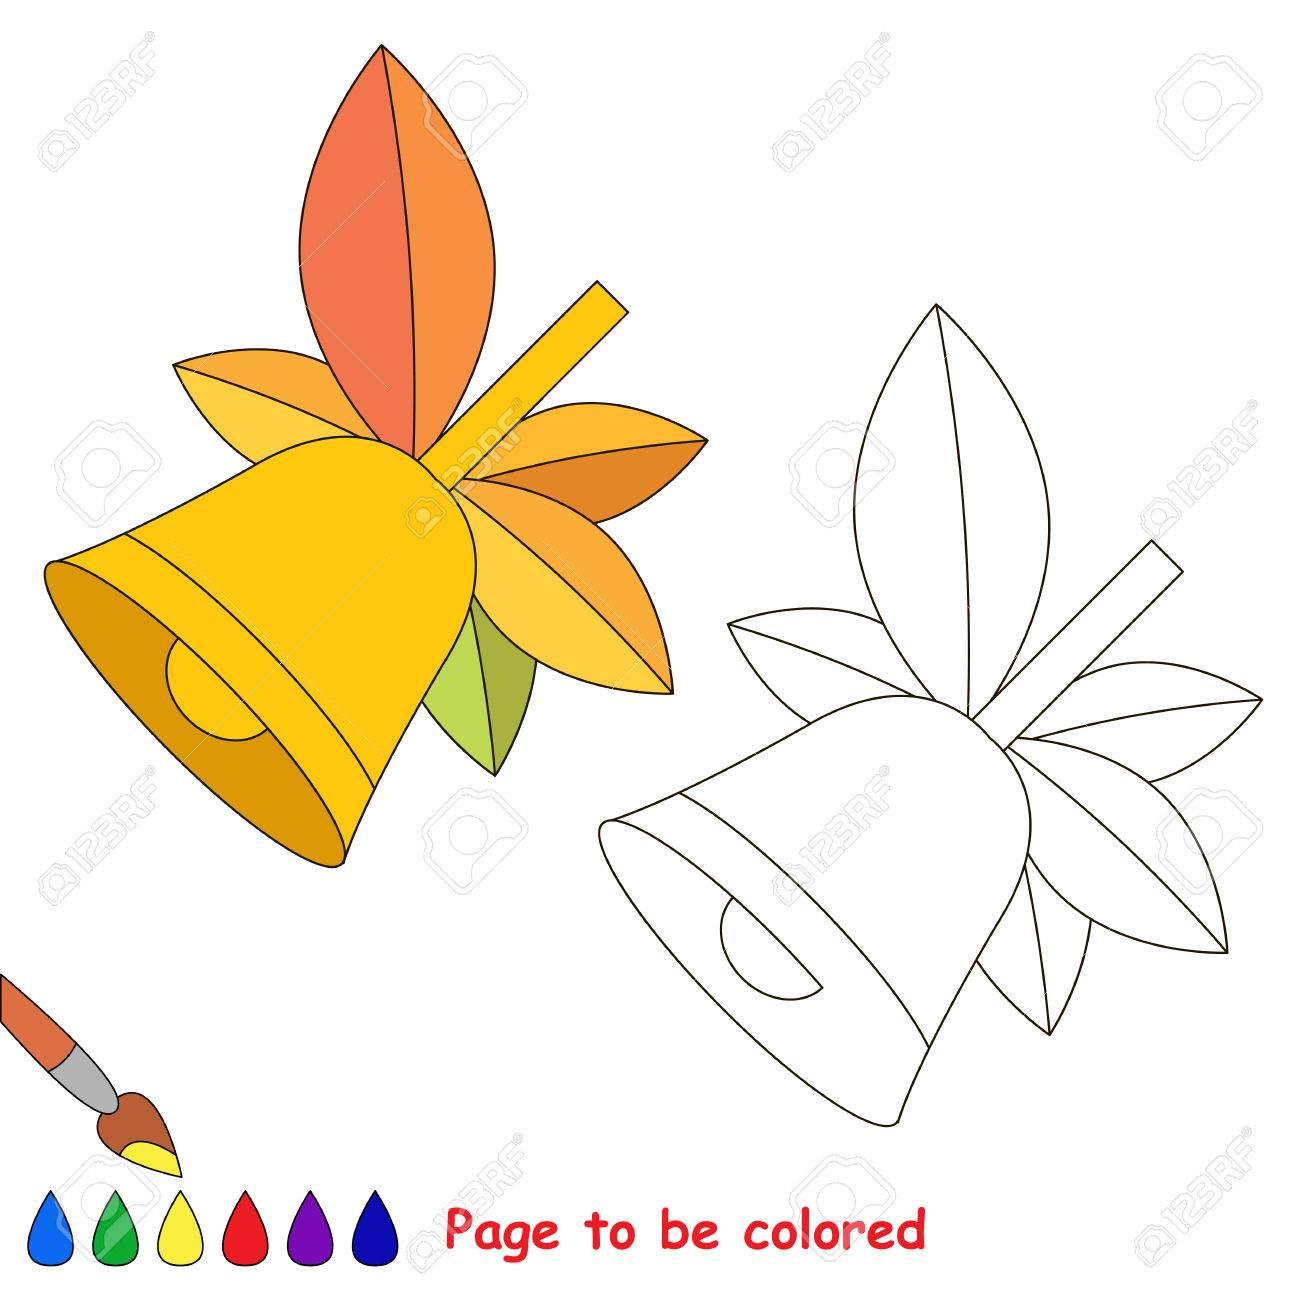 秋の紅葉に色塗り絵簡単子供教育ゲームと簡単なゲームのレベルの初等教育